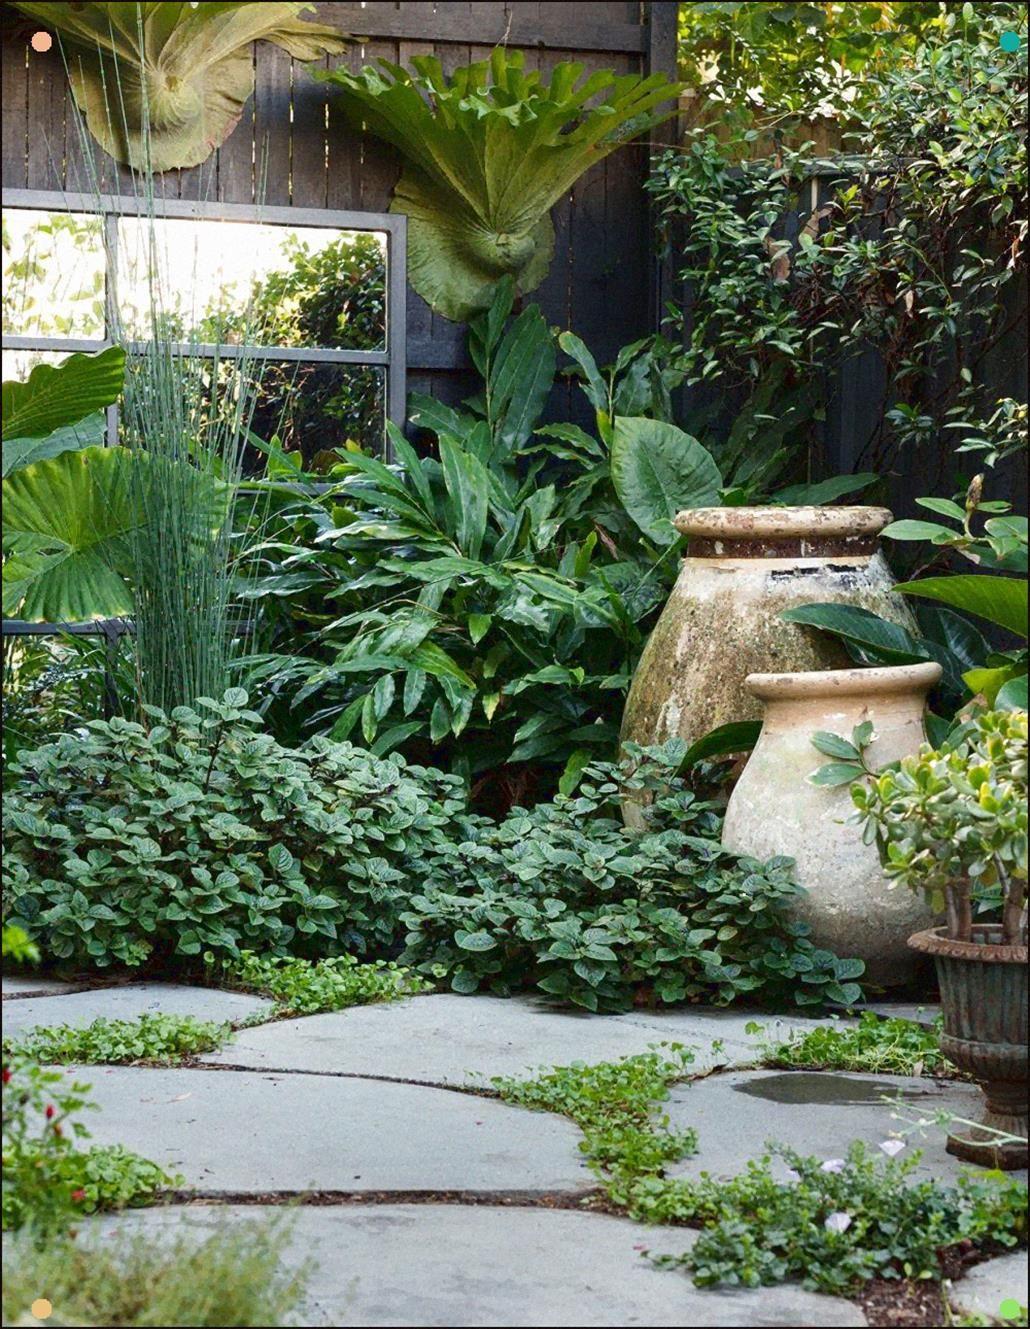 KHHGTYFYTFTY Planta de jard/ín precinto de Amarre Green Garden Alambre de Cuerda Rollo Suave Corbata Planta de Sujetadores de Alambre del Lazo de pl/ástico Recubierto de 5mm x 500cm